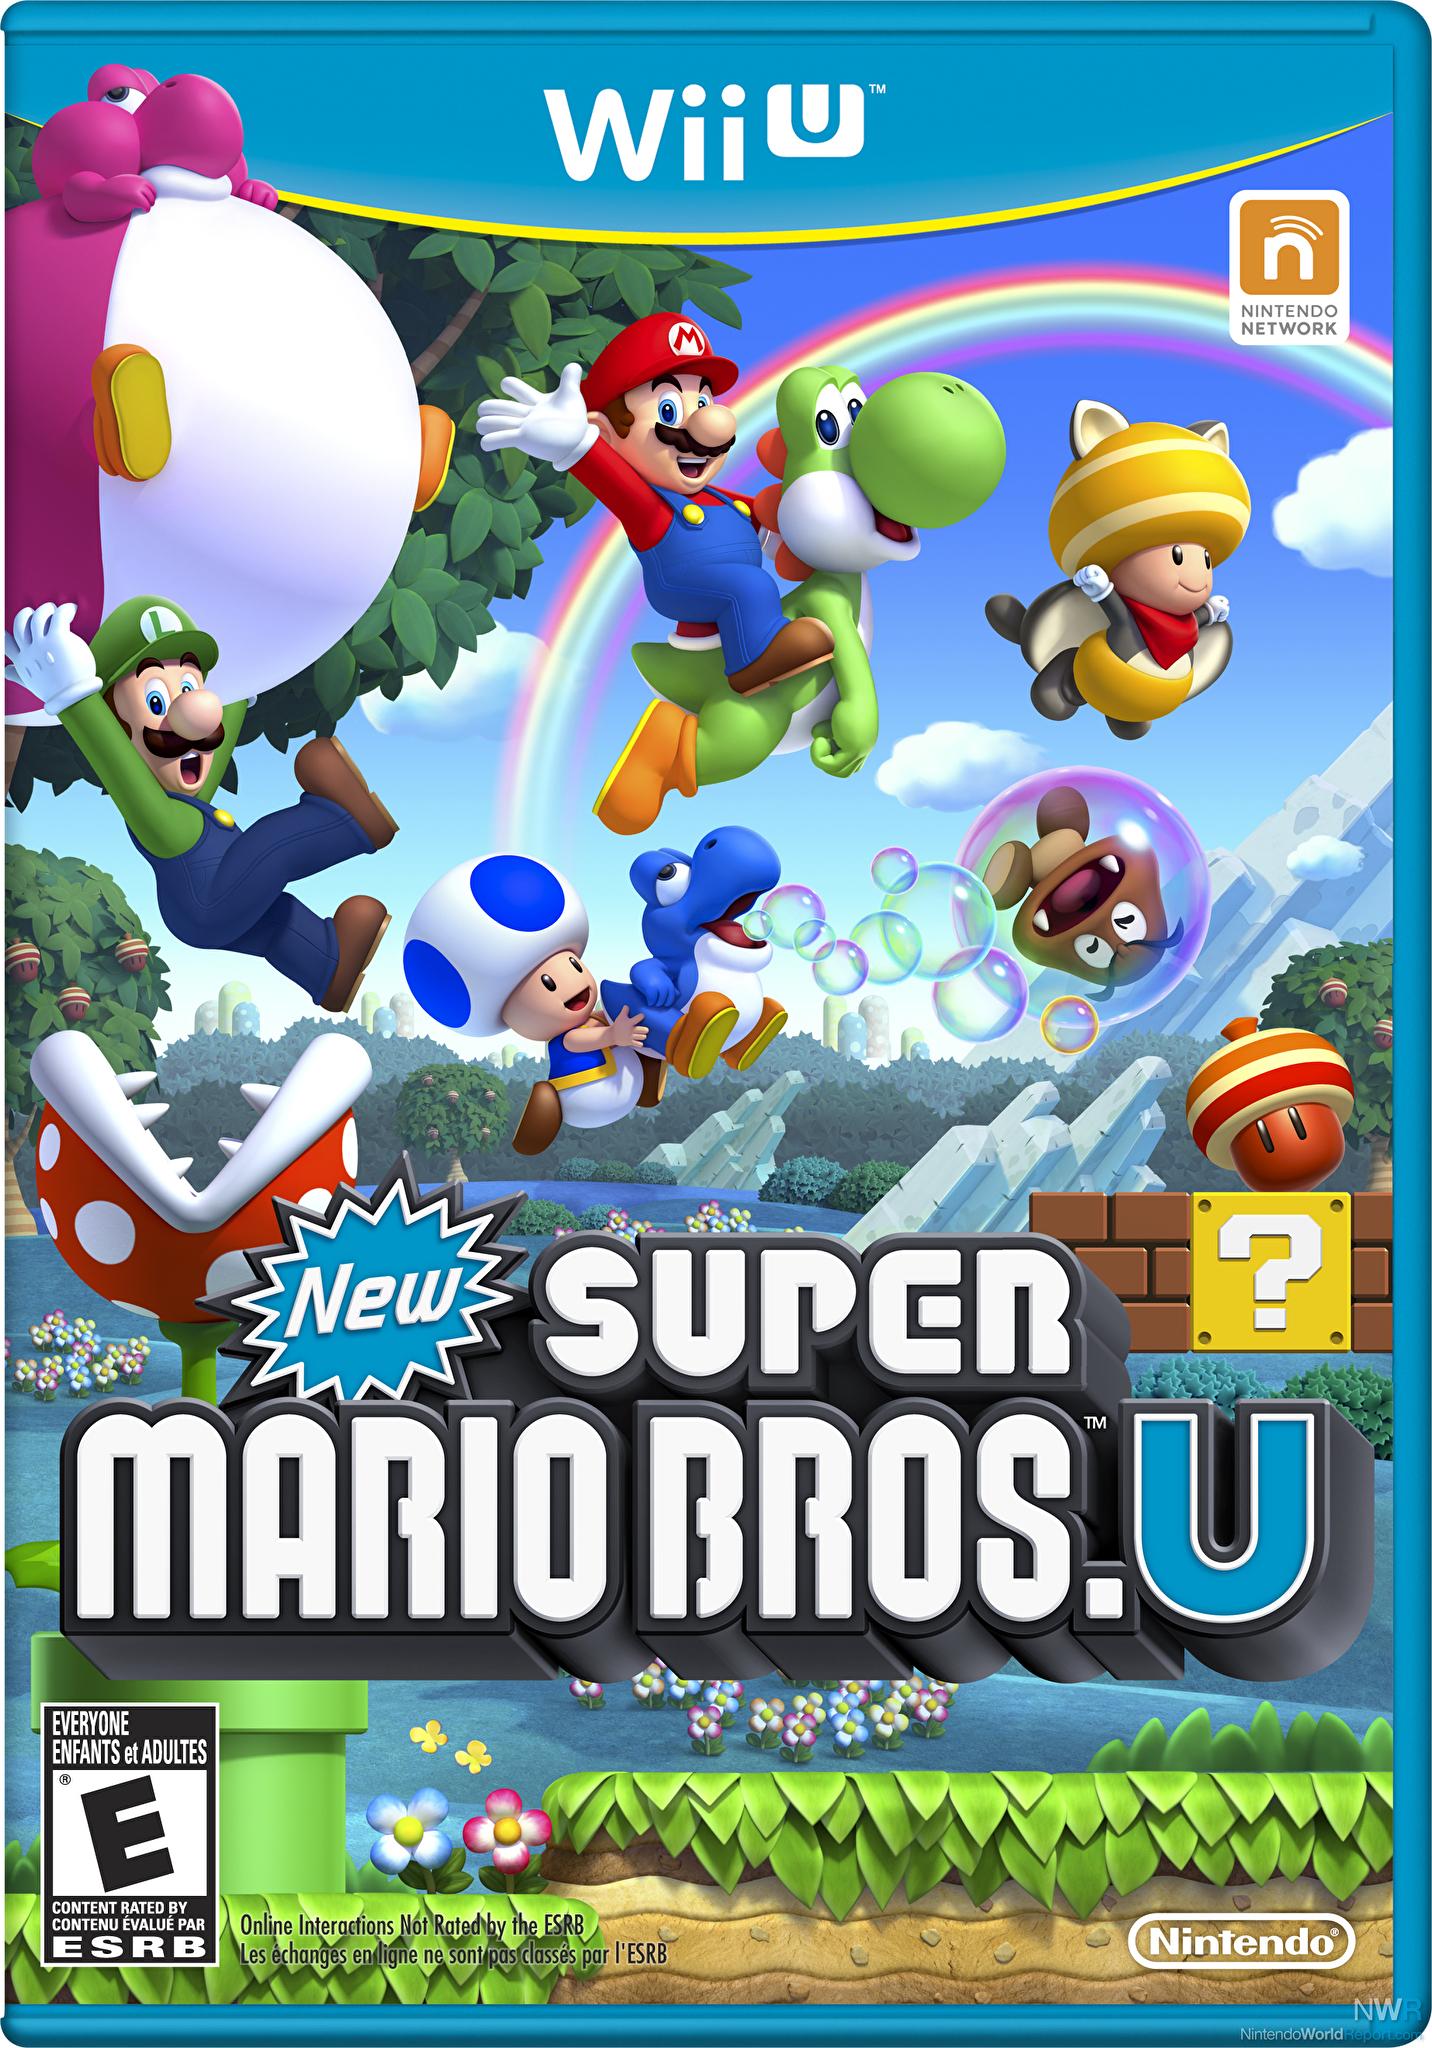 New super mario bros u review review nintendo world report new super mario bros u box art publicscrutiny Choice Image